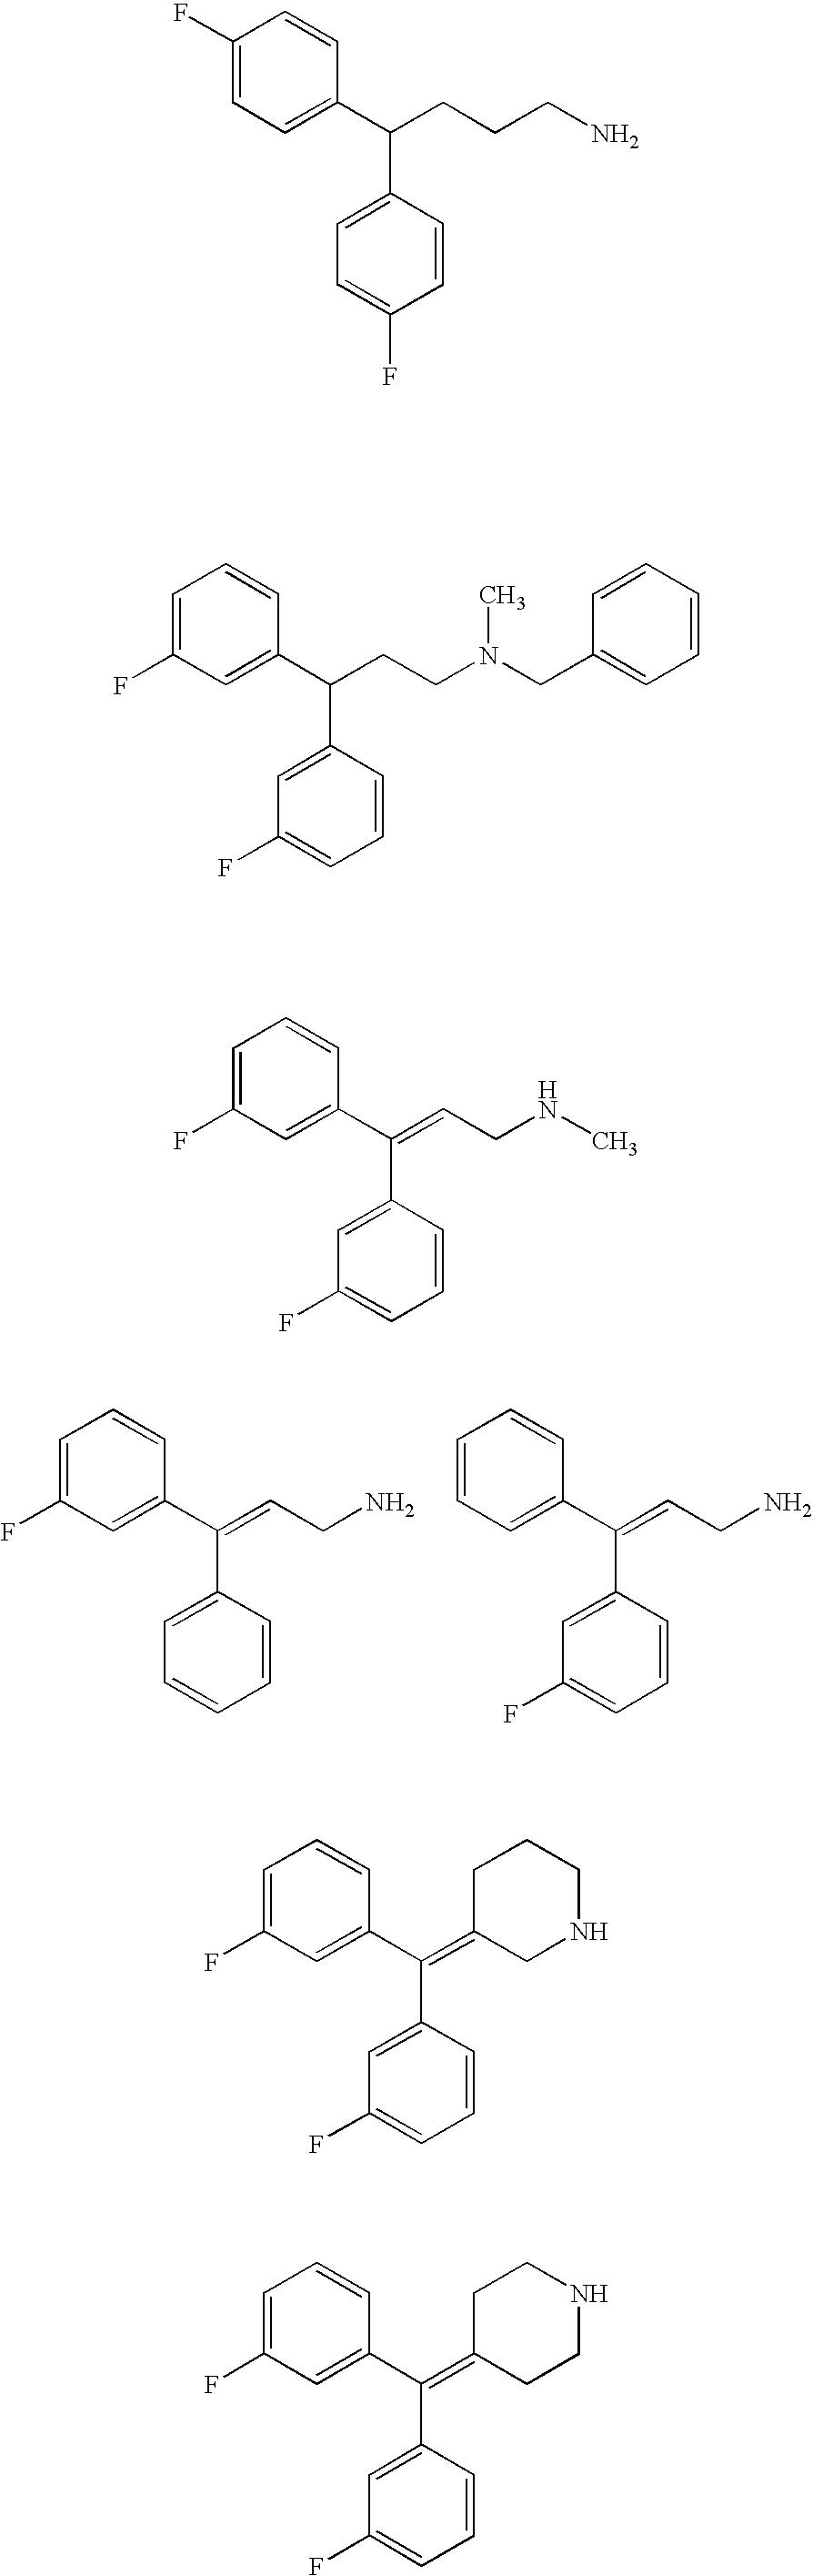 Figure US20050282859A1-20051222-C00049